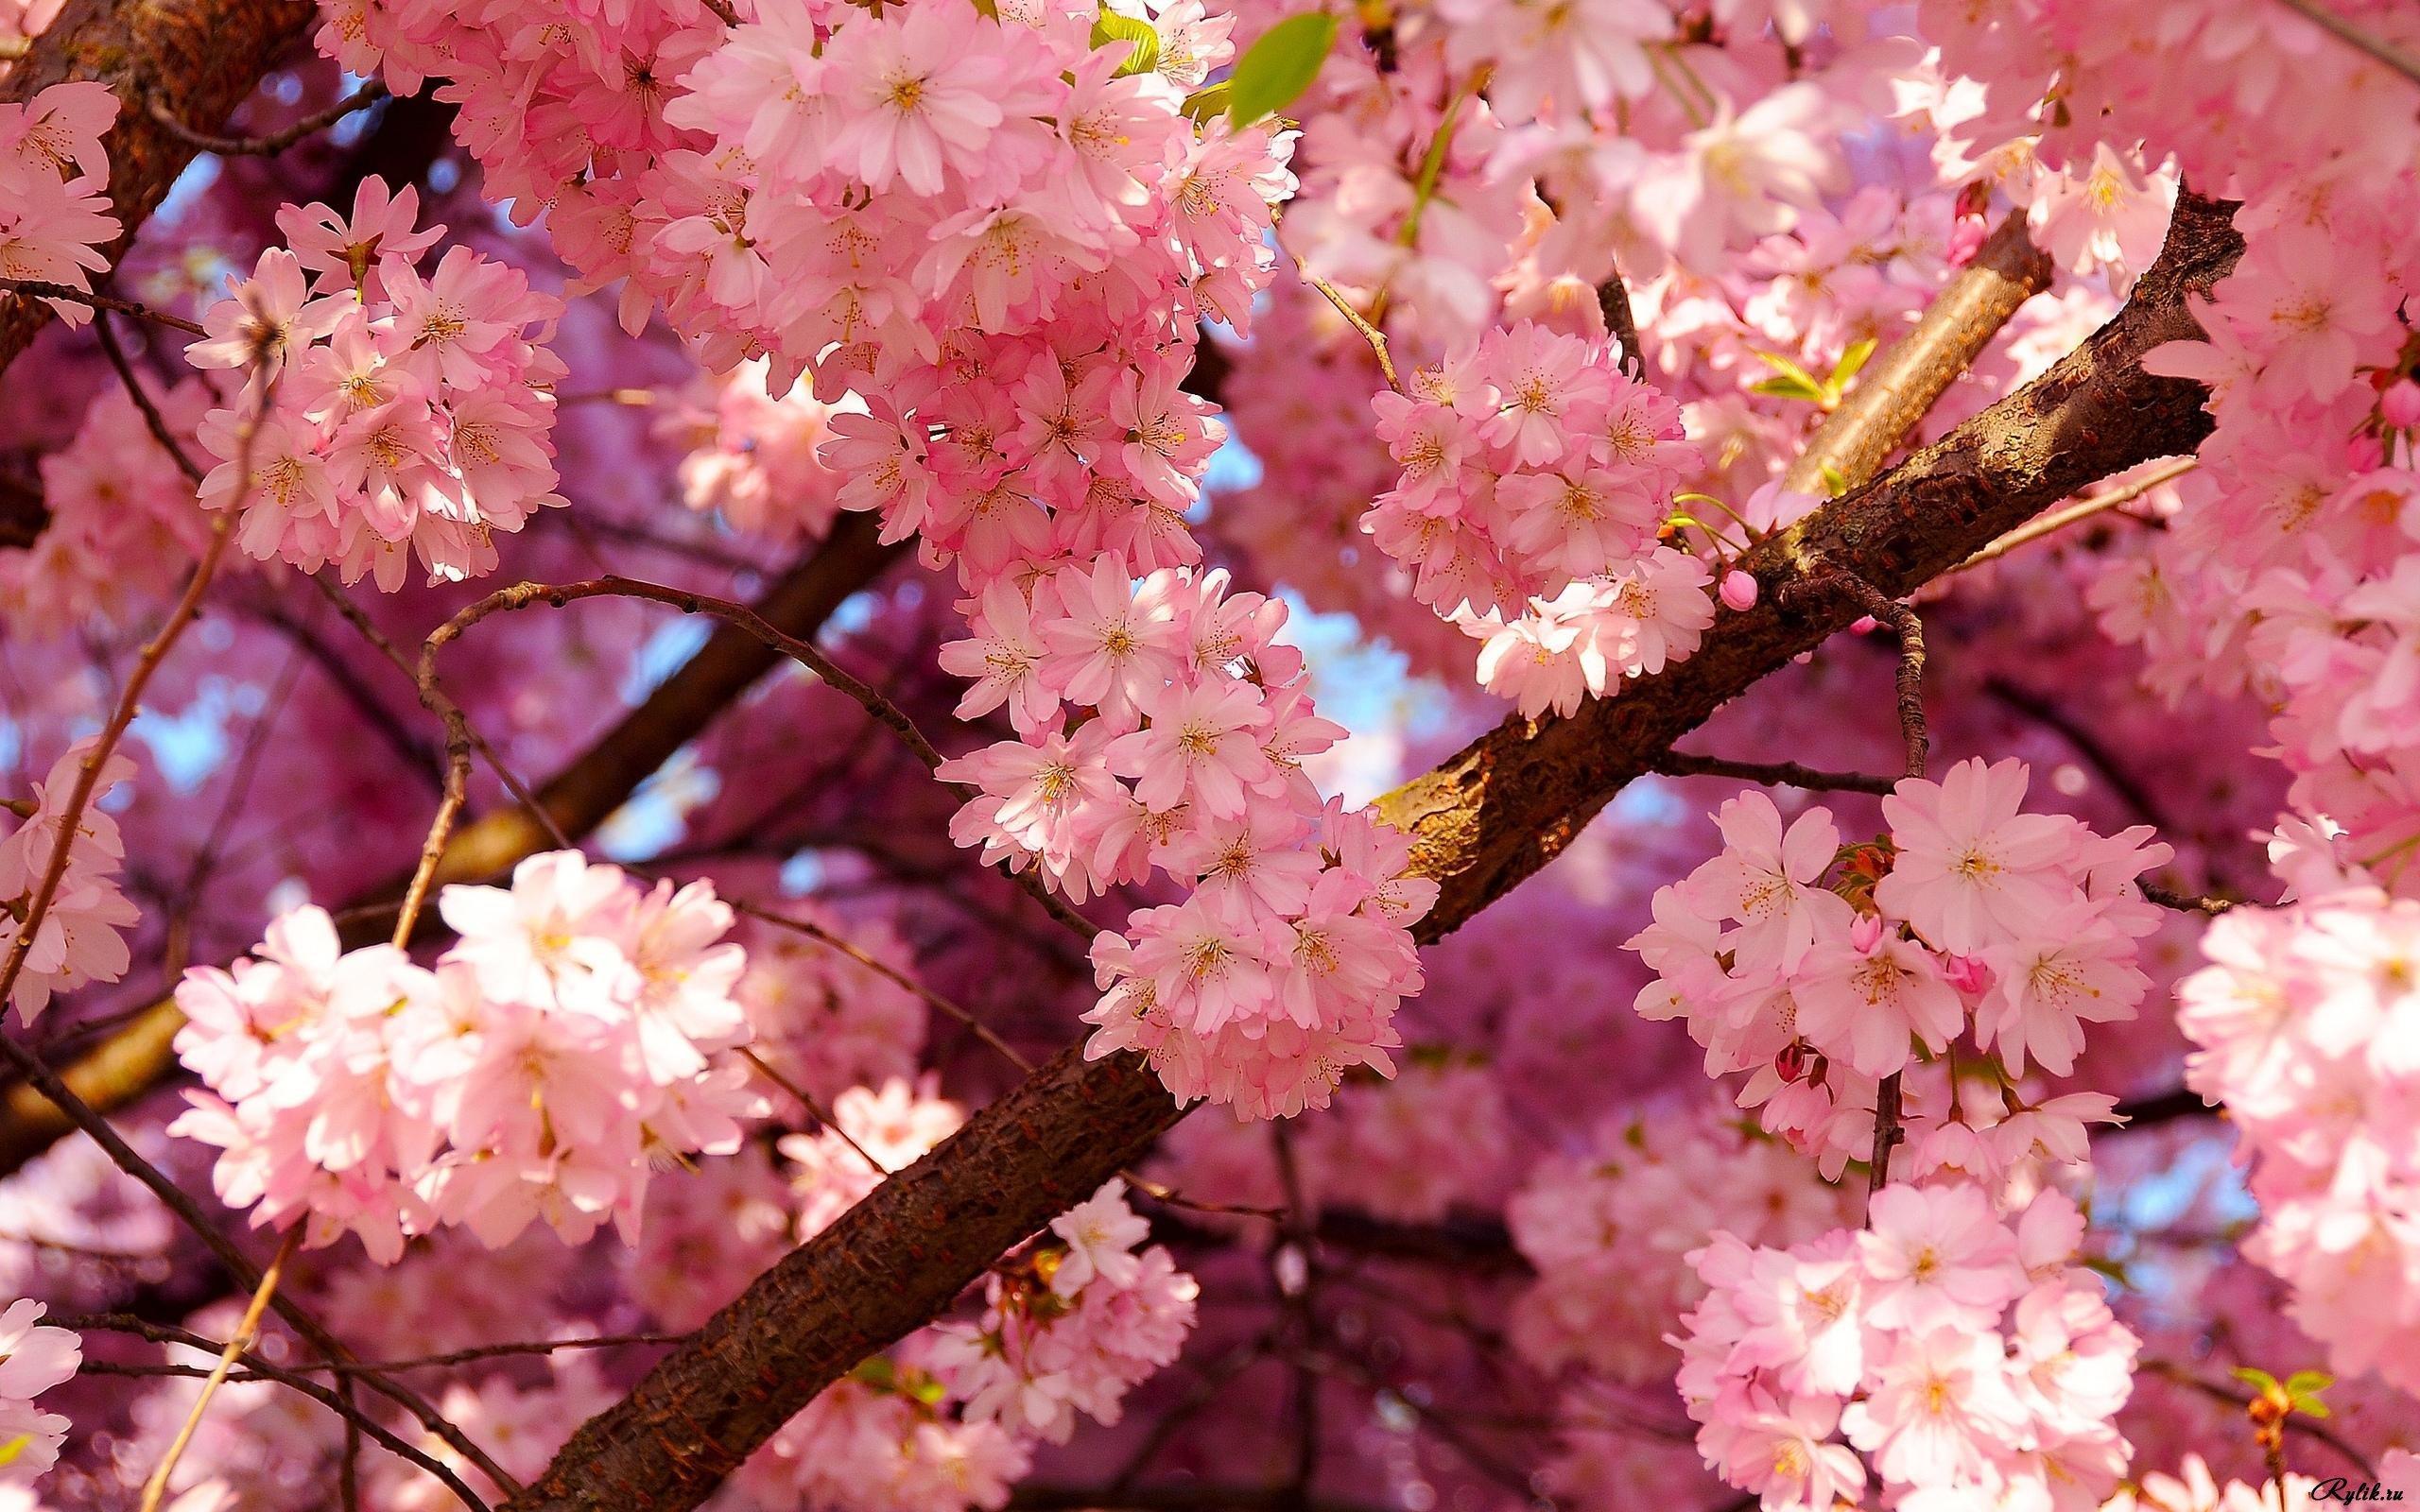 Картинки, фото весны на телефон